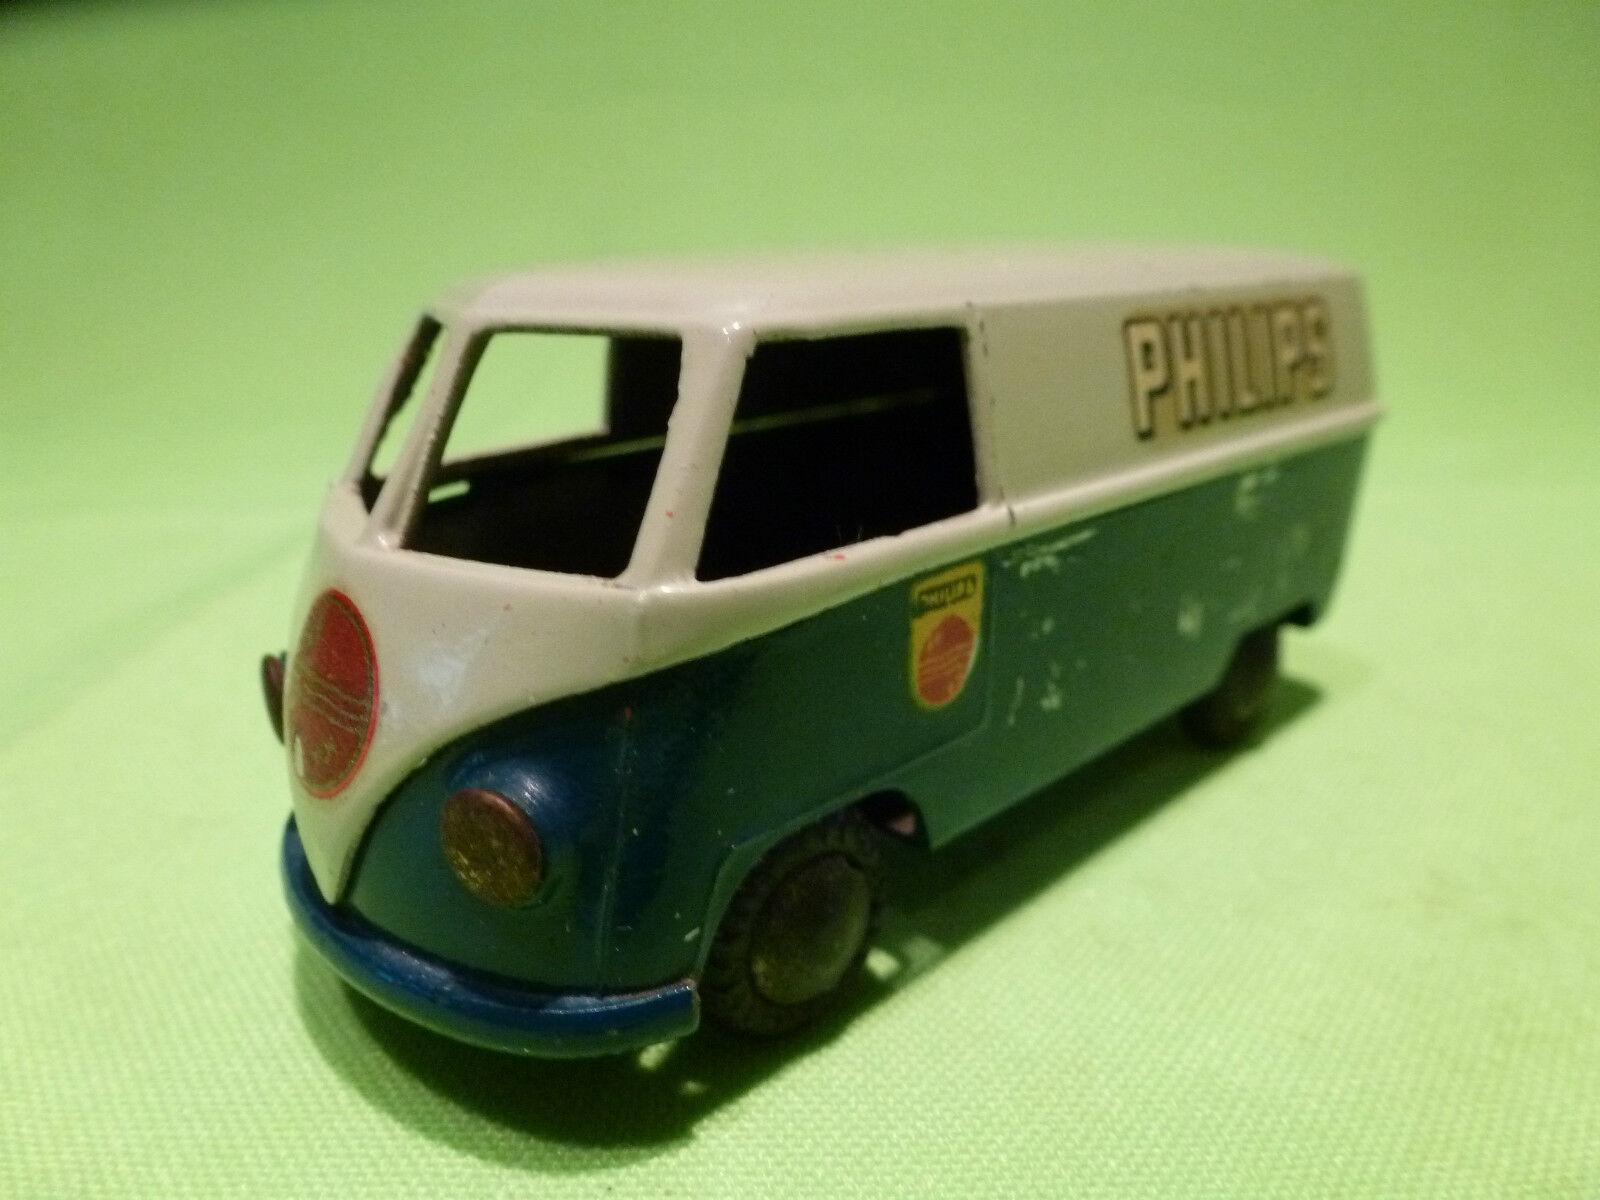 Descuento del 70% barato TEKNO DENMARK  1 43   VOLKSWAGEN BUS BUS BUS  -  PHILIPS   - VW BUS   IN GOOD CONDITION  tienda de venta en línea